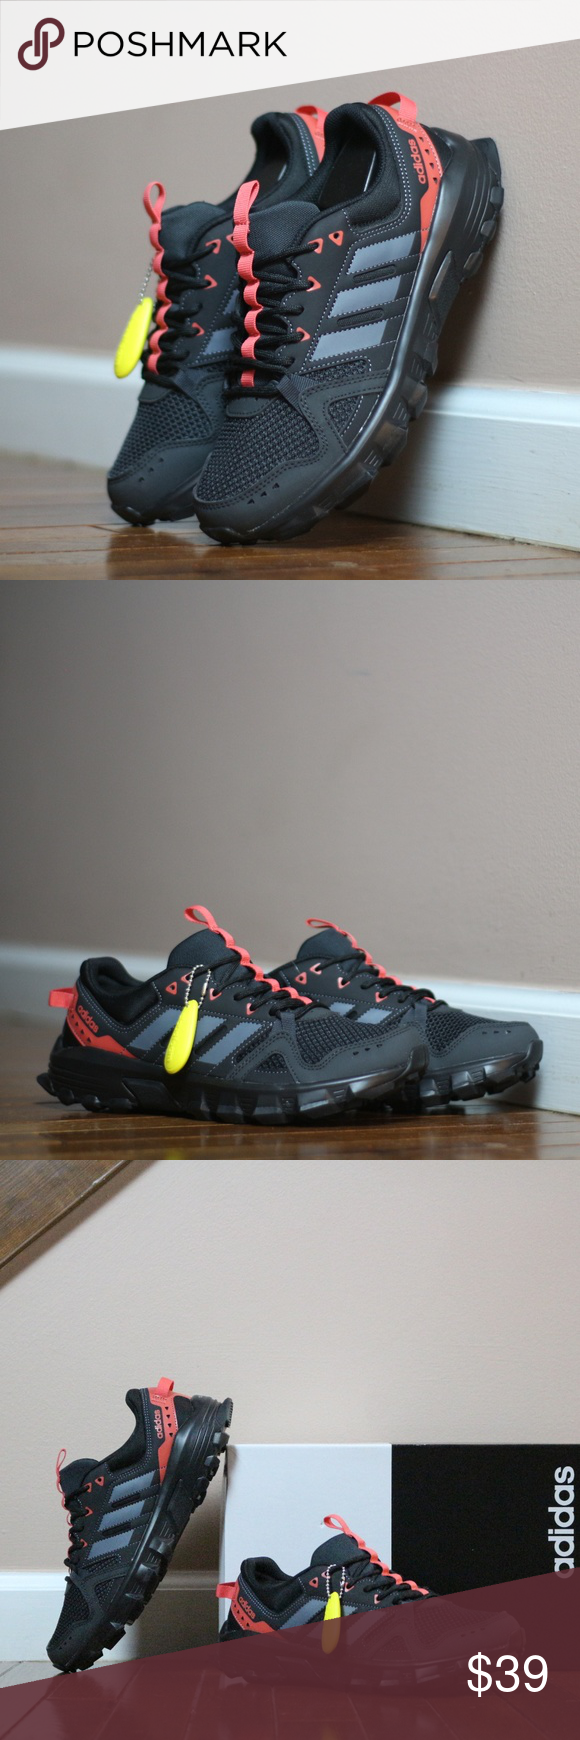 11a8b7a51 Adidas Women US-7.5 Runner Shoes CG3984 Brand New